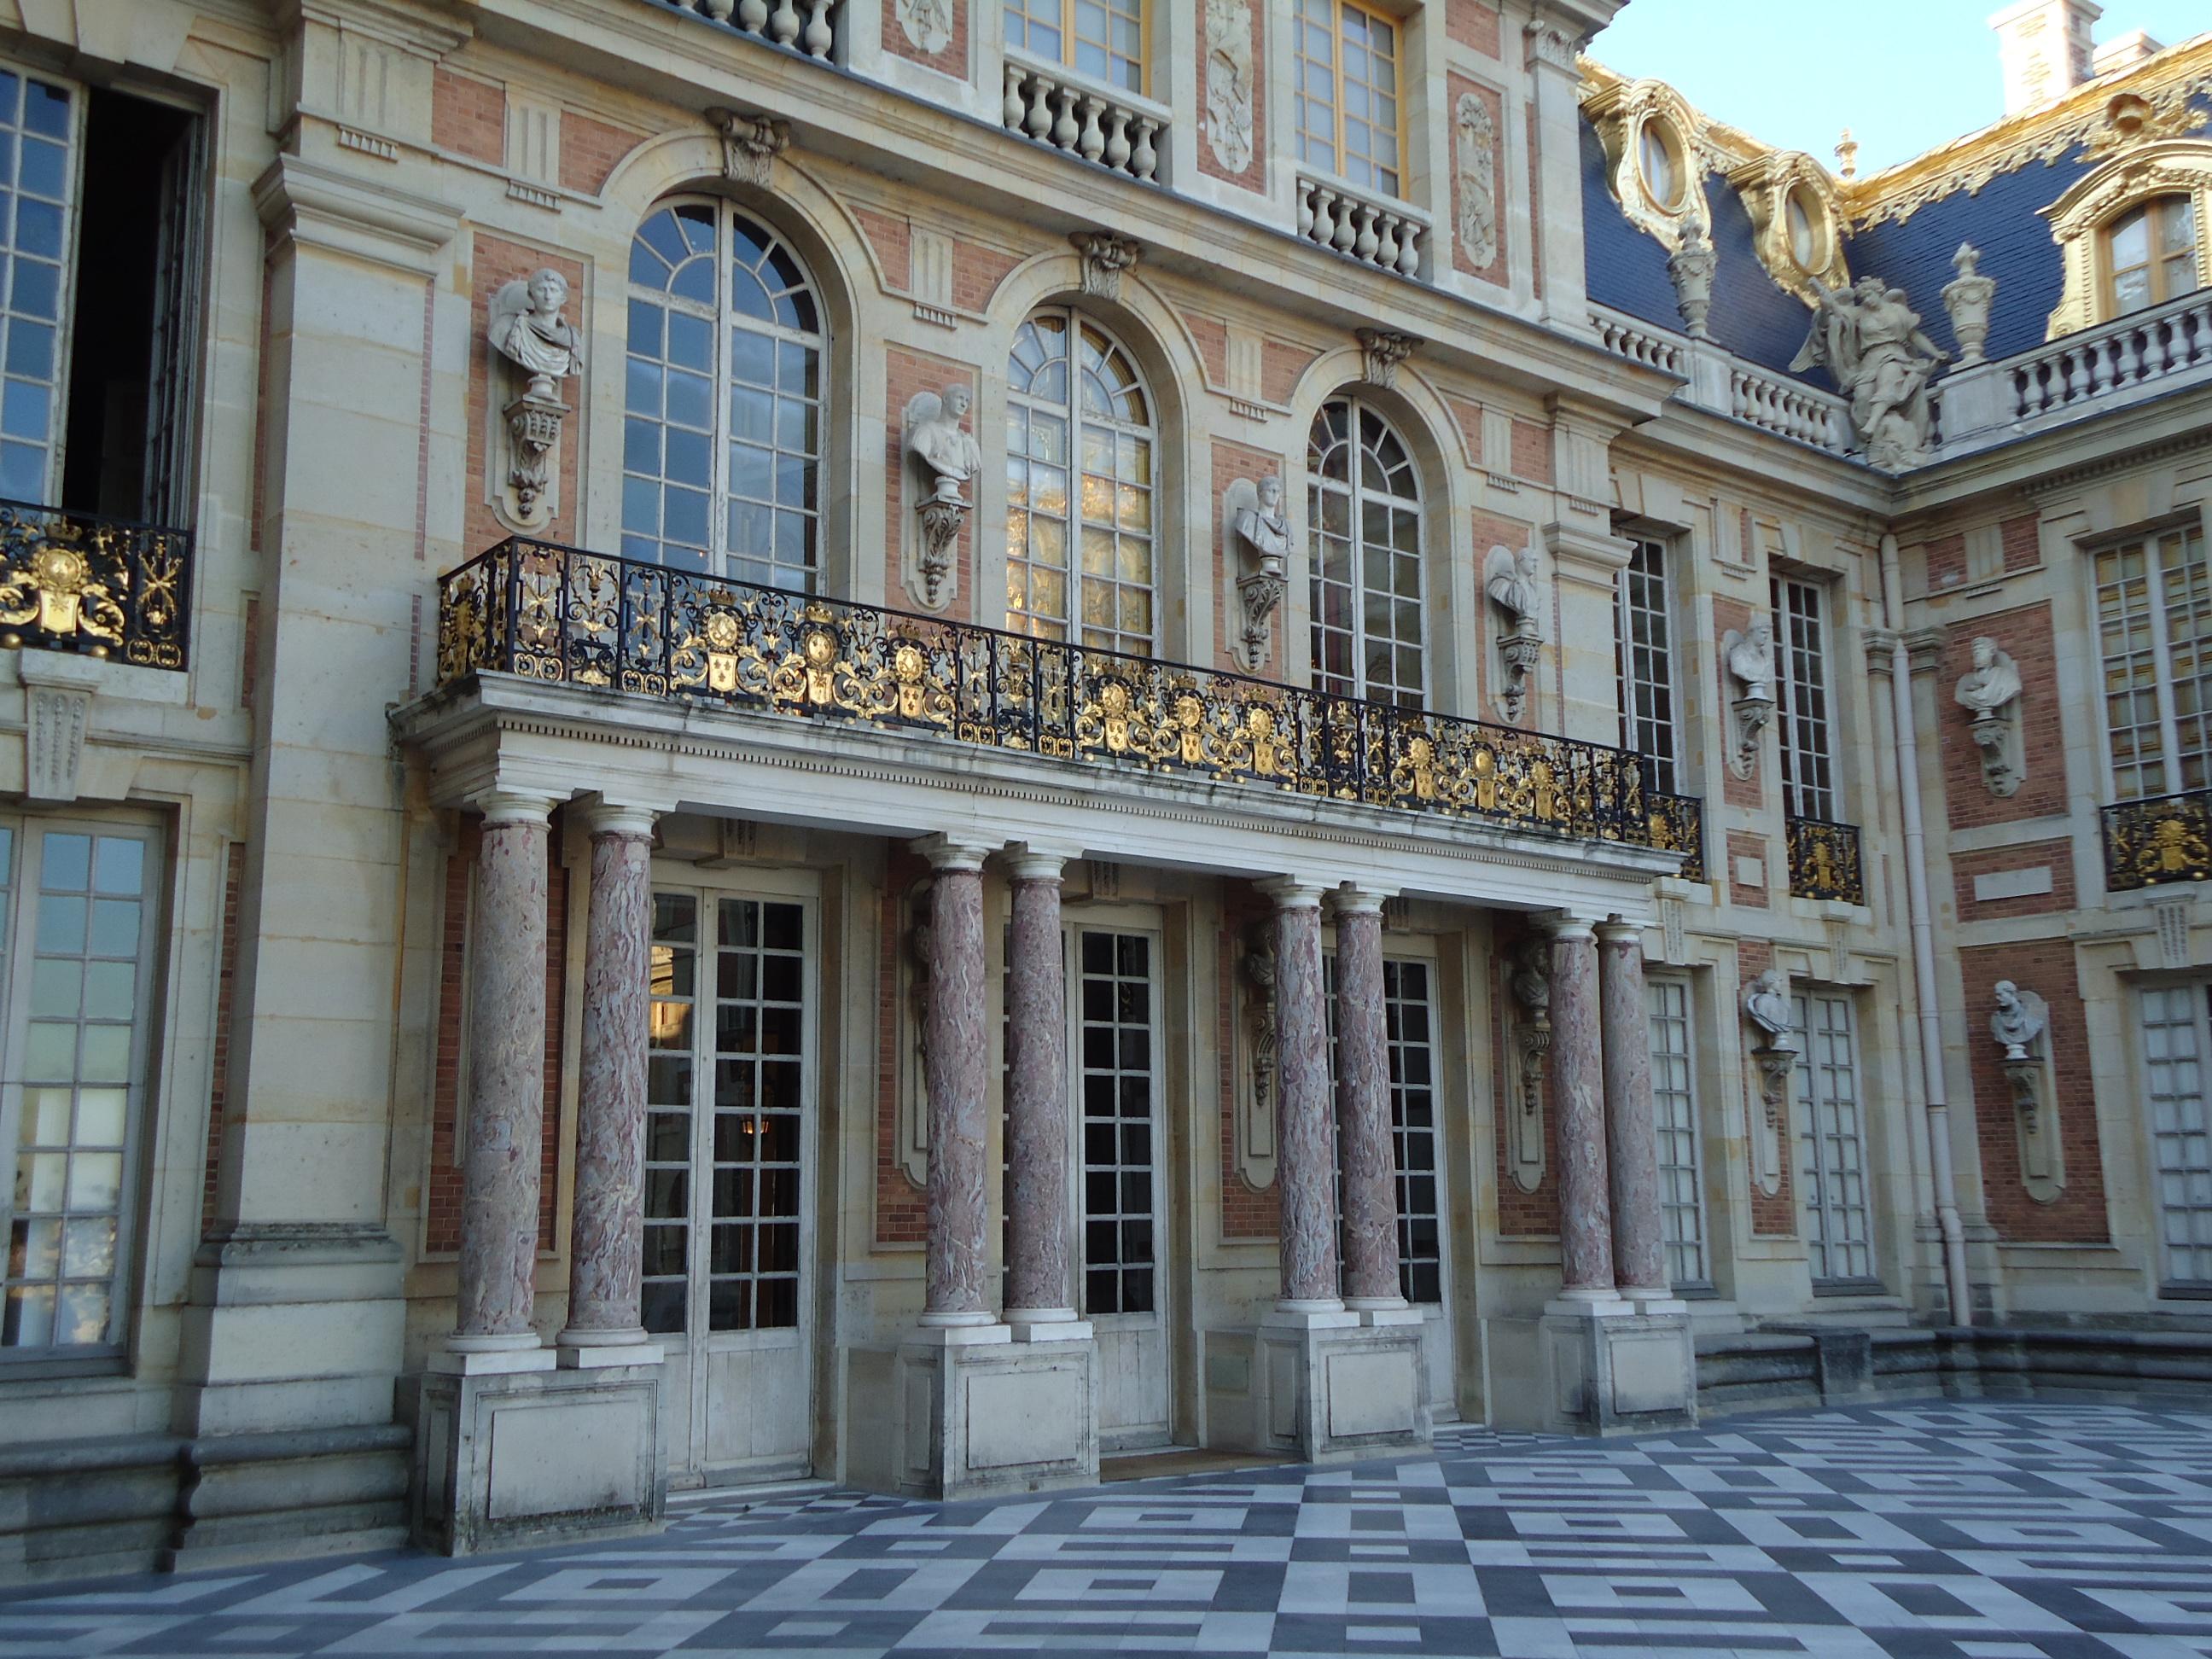 Le ch teau de versailles anna in wanderland - Photo chateau de versailles ...